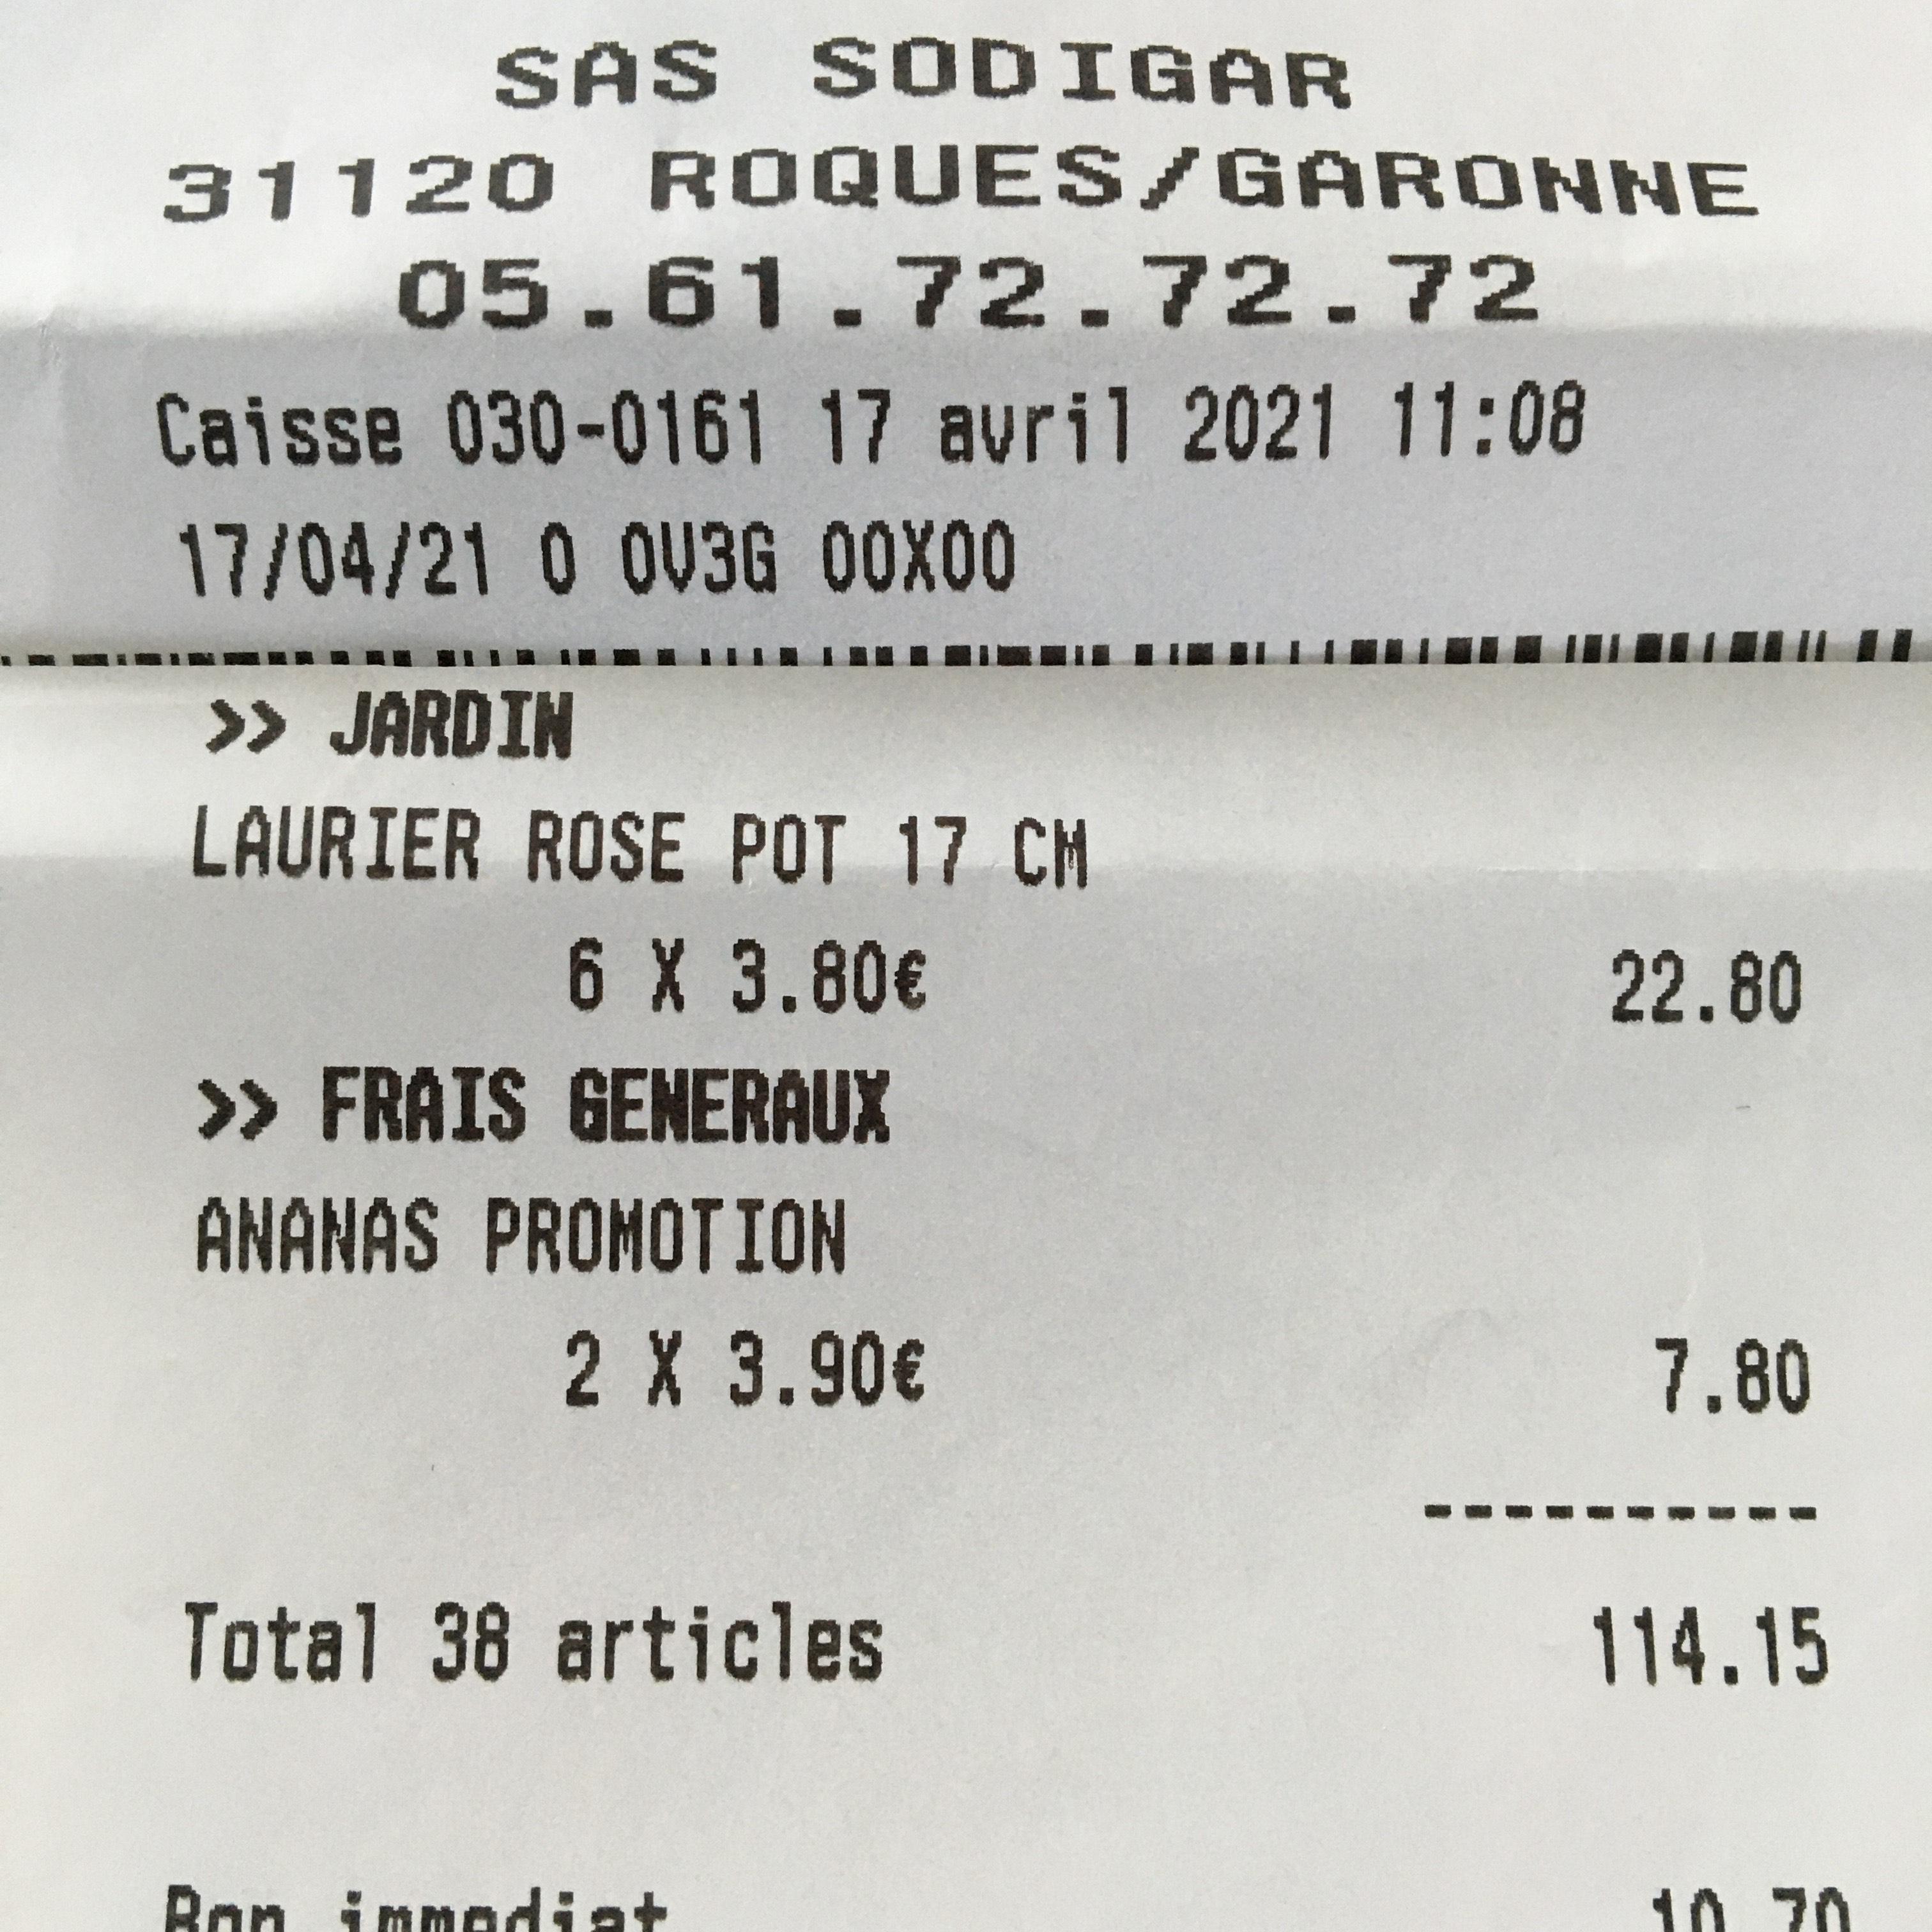 Laurier rose en pot (2.5L) - Roques (31)